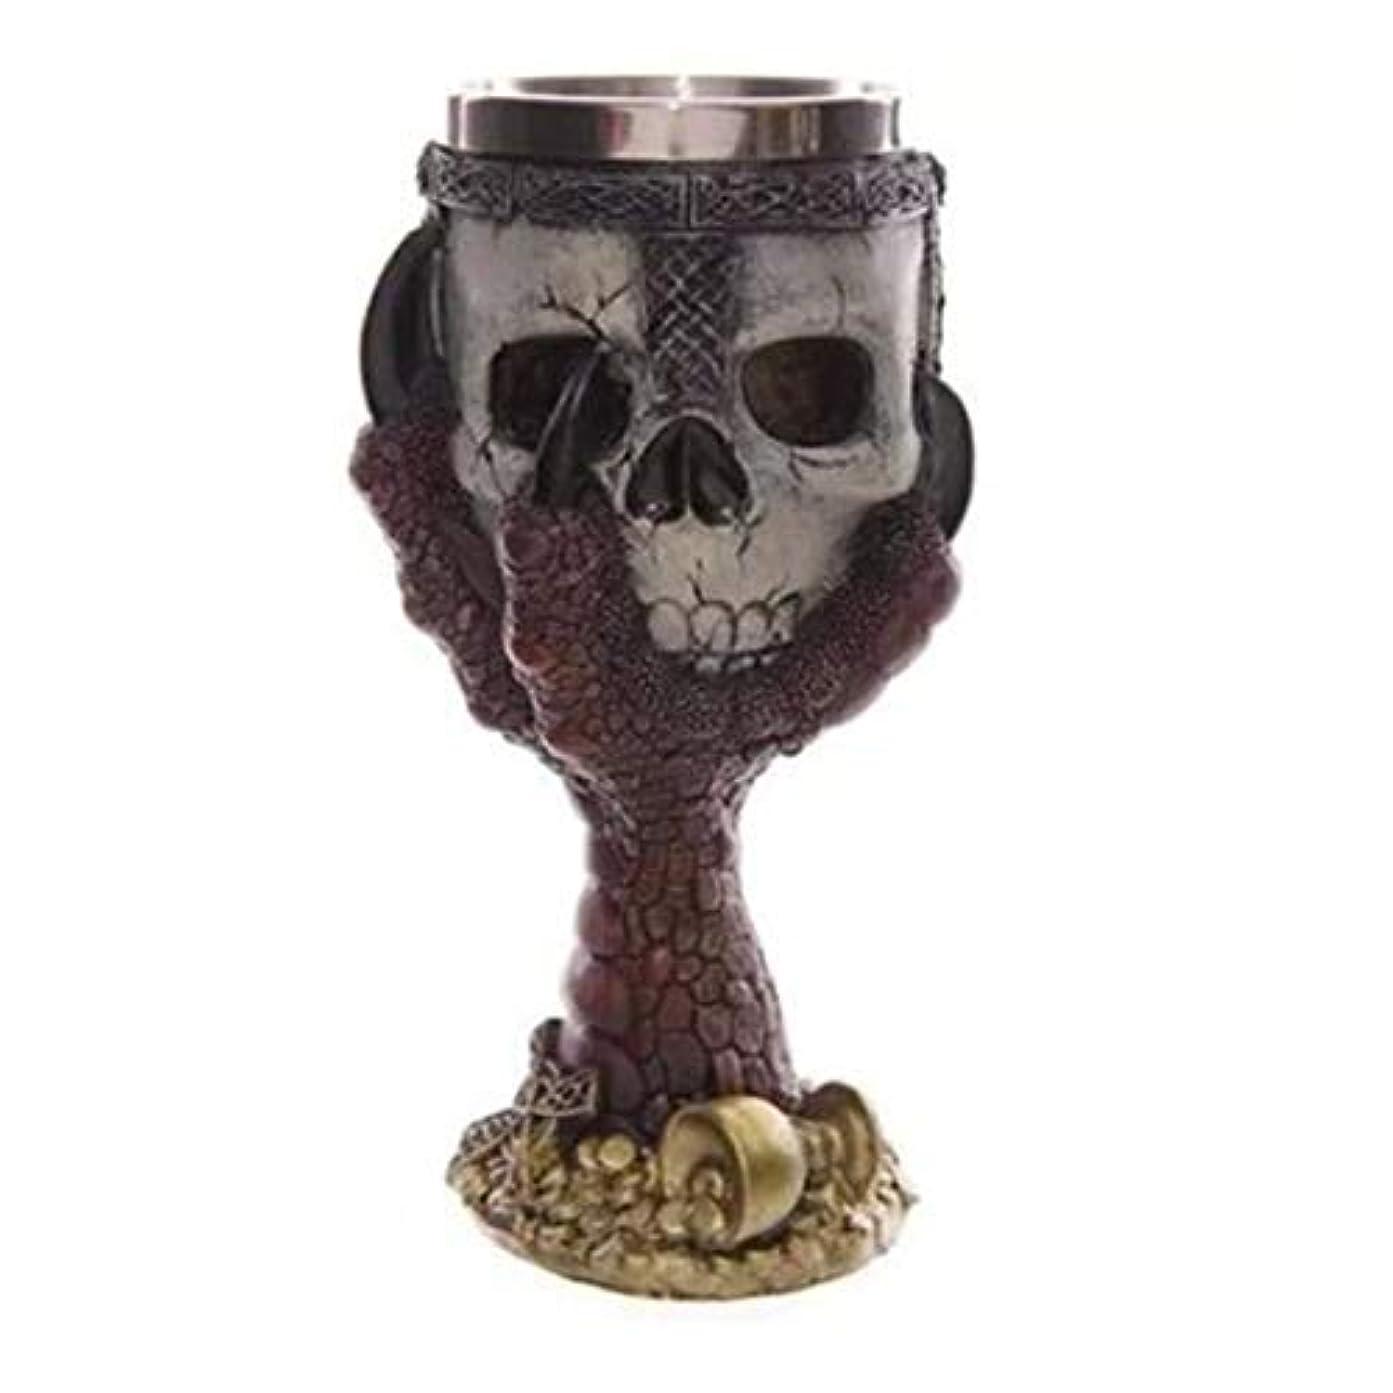 あご器用免除するSaikogoods カップを飲むクリエイティブステンレス鋼3Dスカルゴブレットビールジョッキ 銀 赤い爪ゴブレット